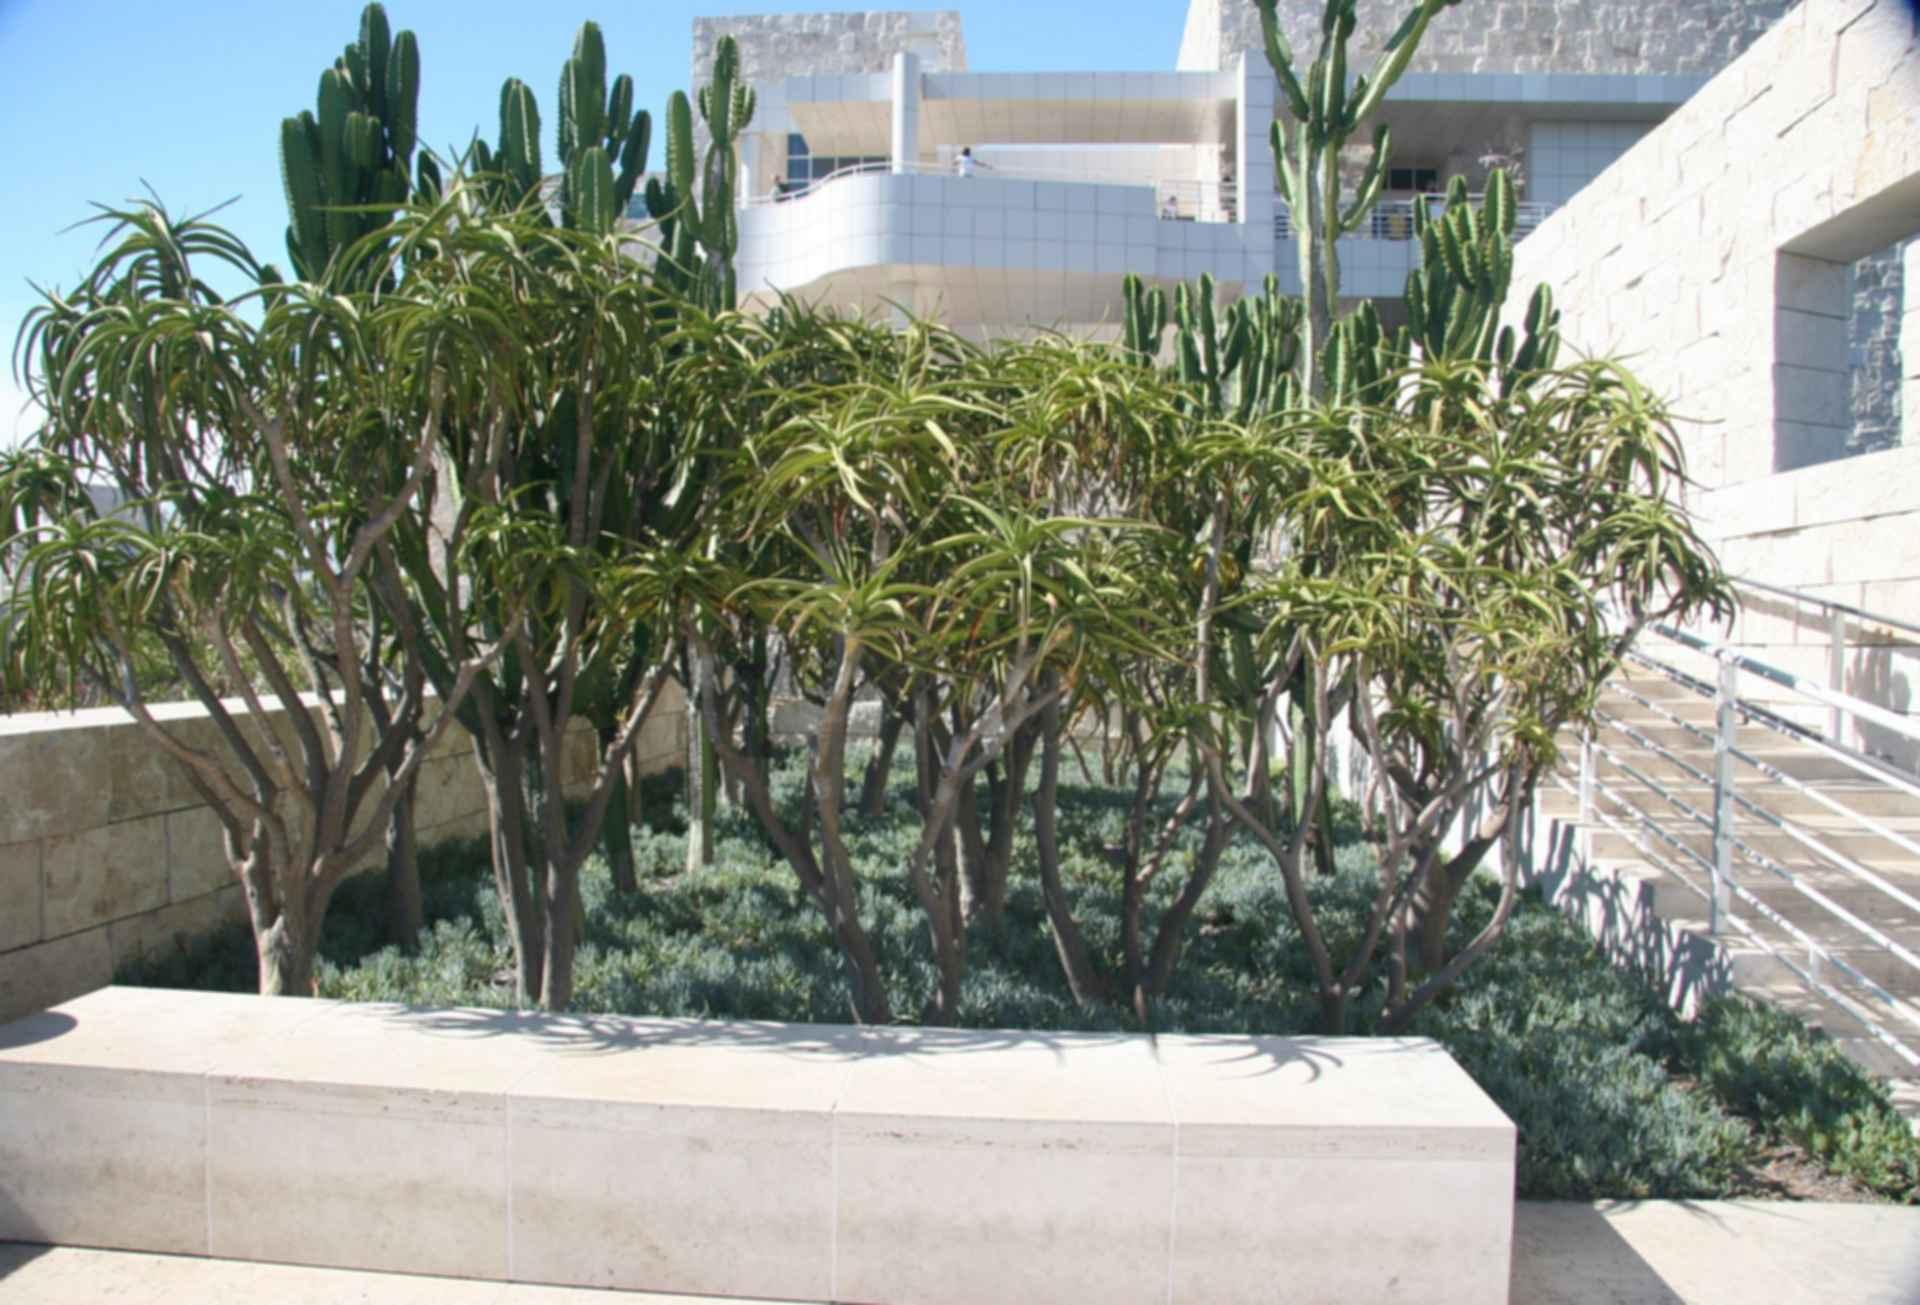 Getty Museum Cactus Garden - Plants